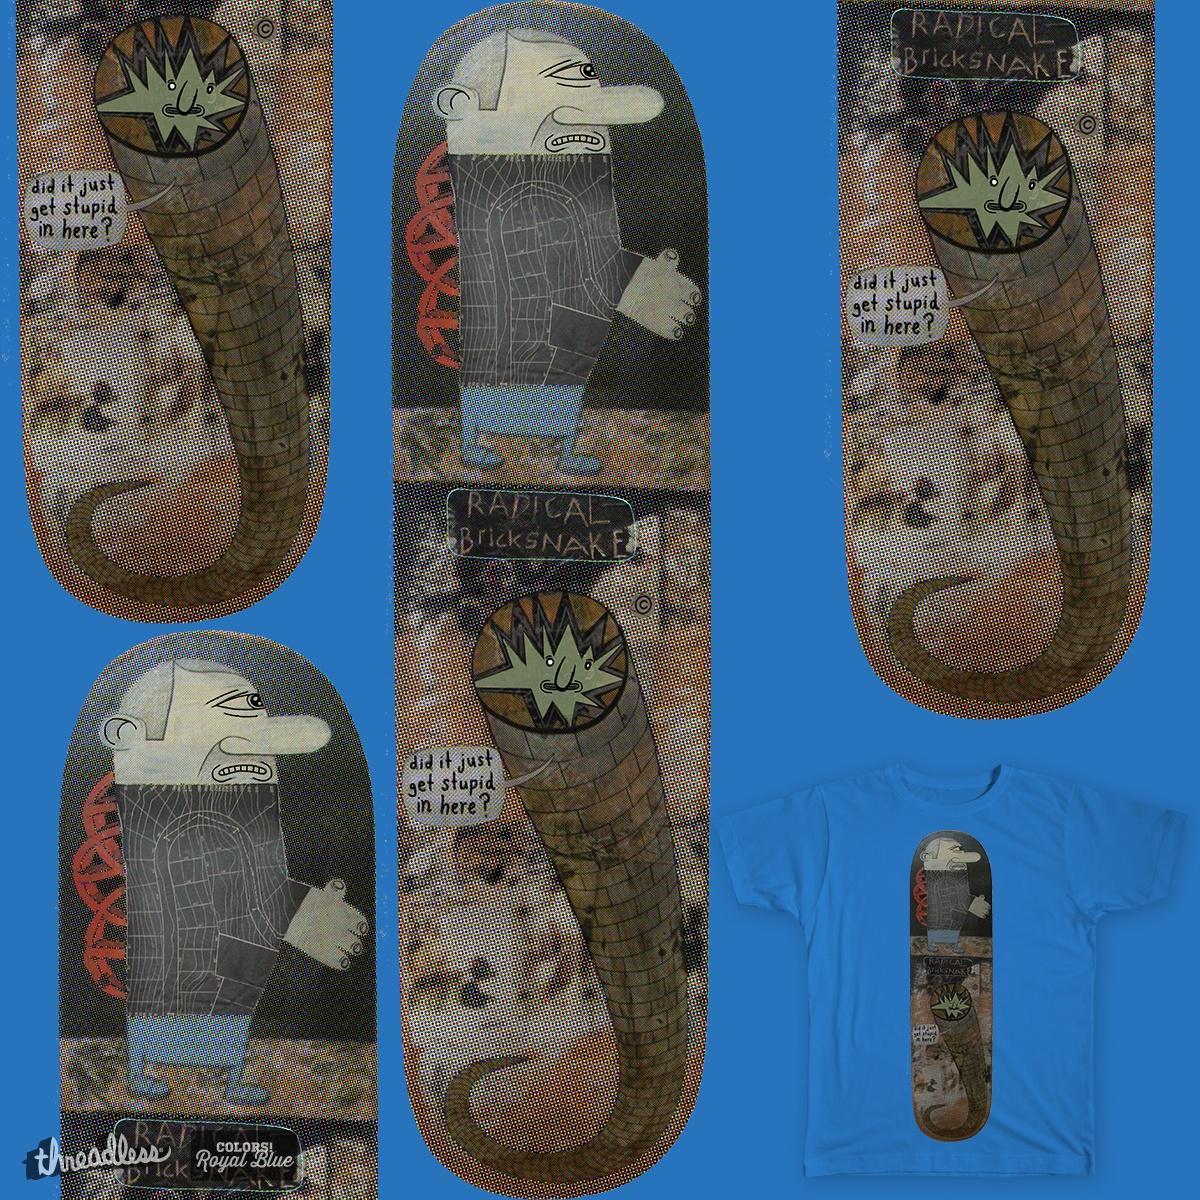 radical bricksnake skateboard by Peter Thompson on Threadless